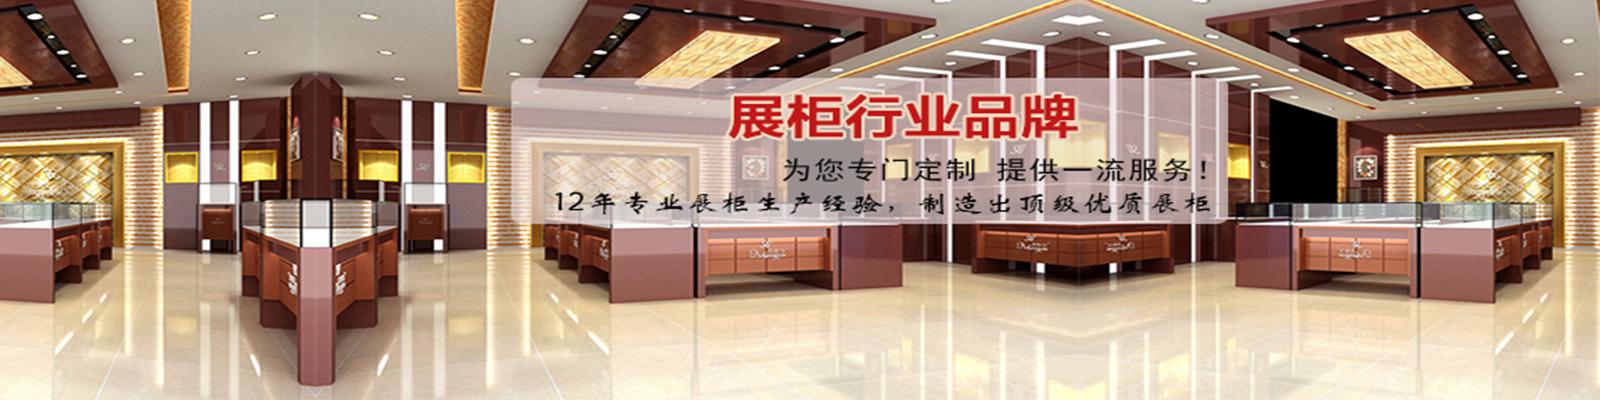 云南海扎家具有限公司